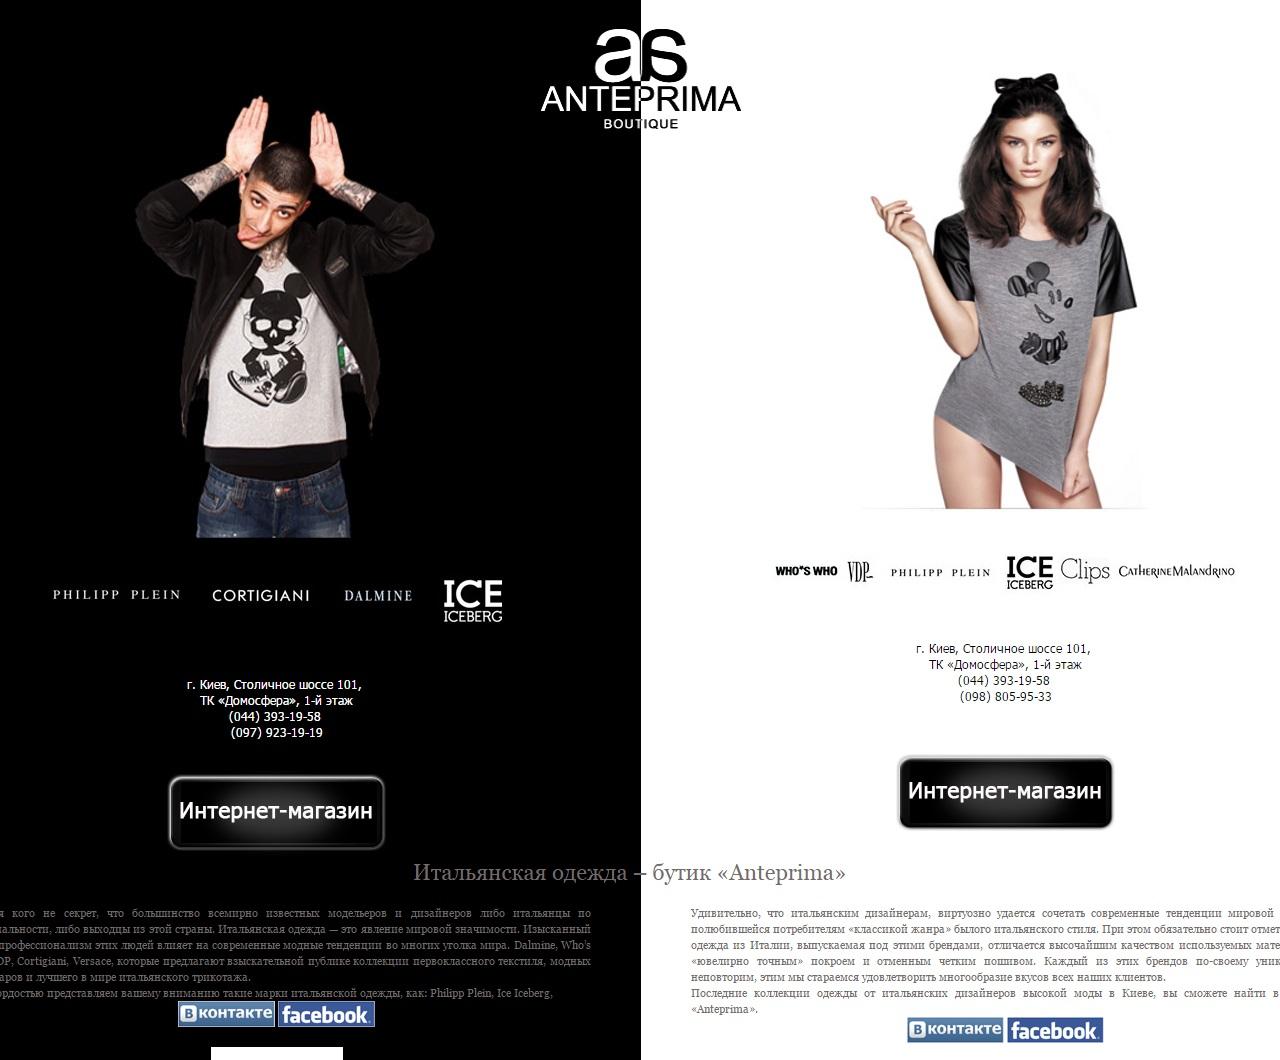 Anteprima.com.ua